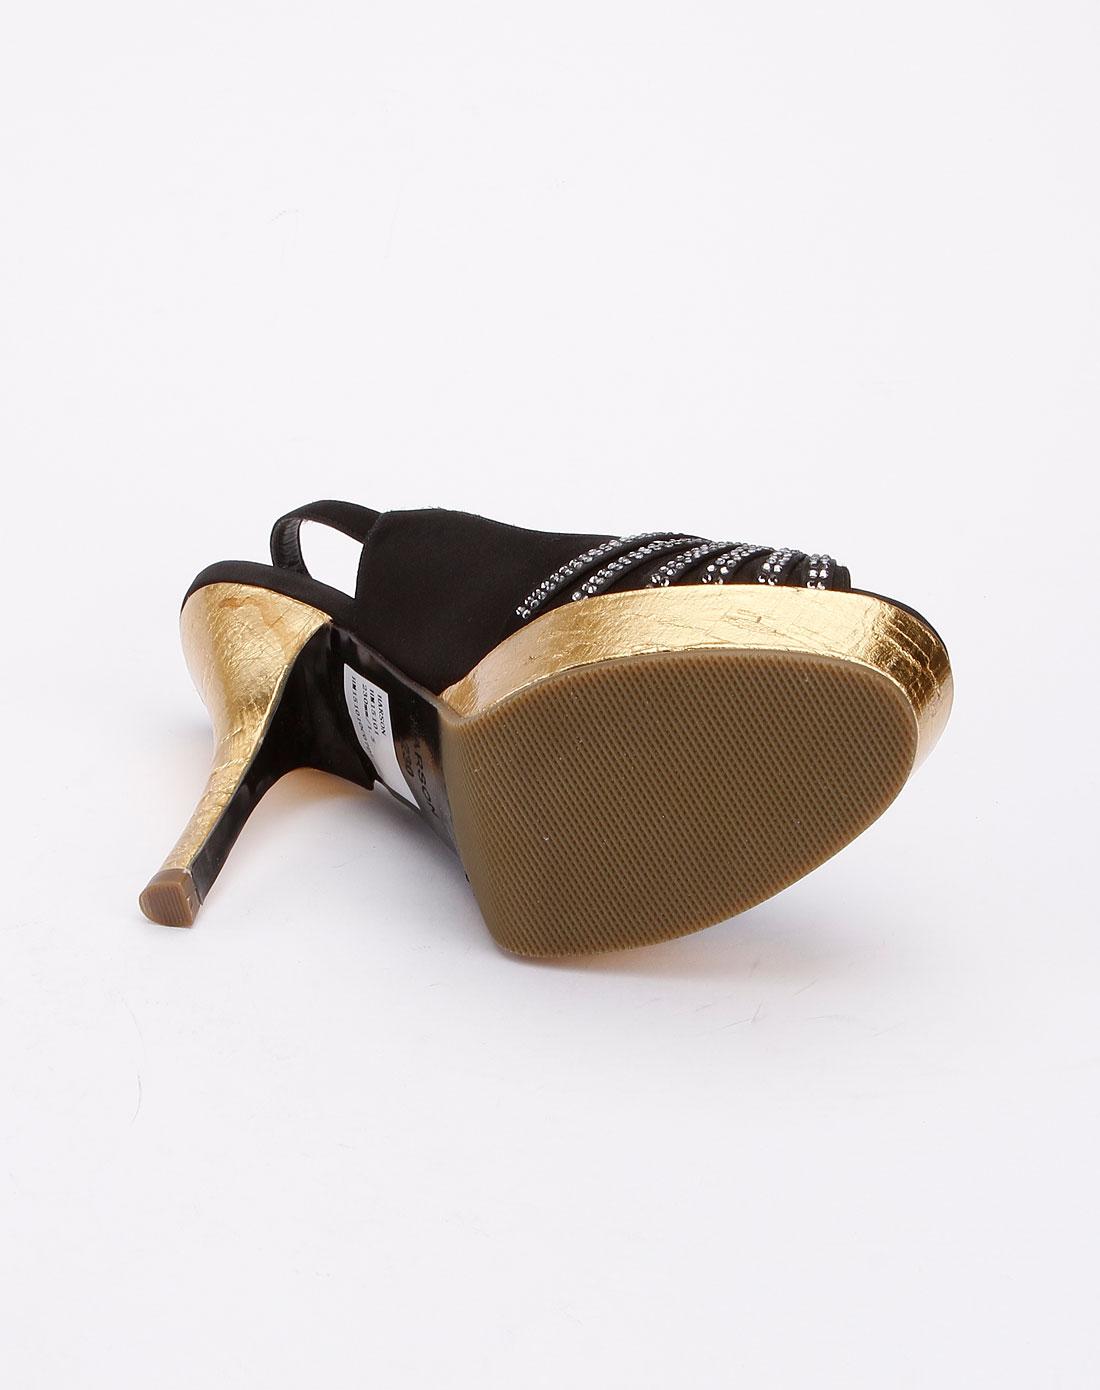 哈森harson女鞋专场-黑色时尚简约超高跟凉鞋